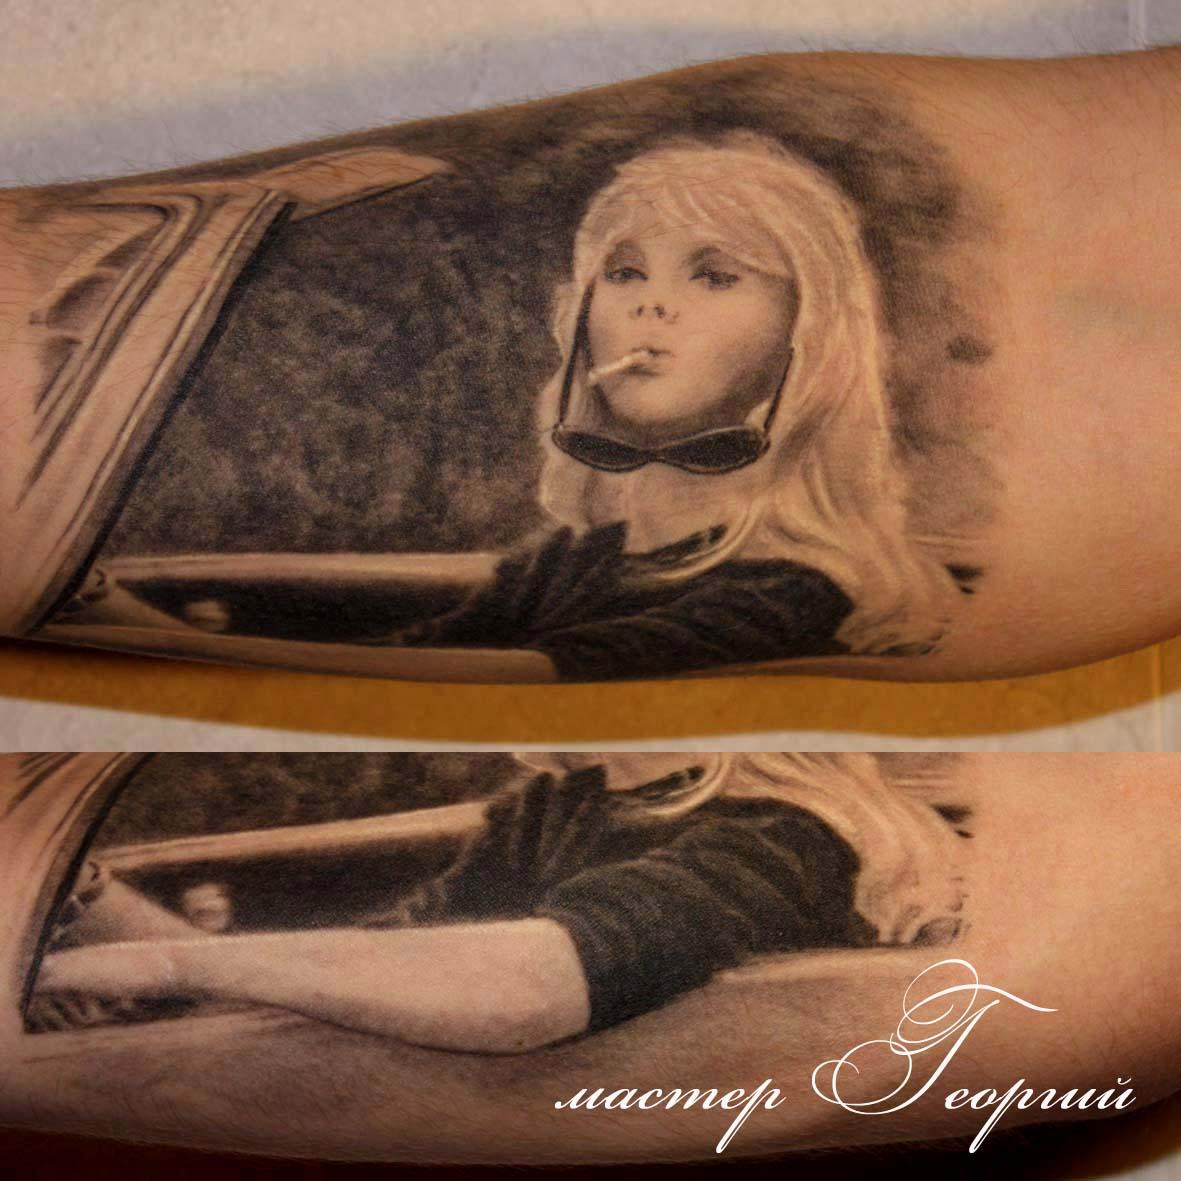 Наличие татуировки может стать причиной отказа в приеме на 57